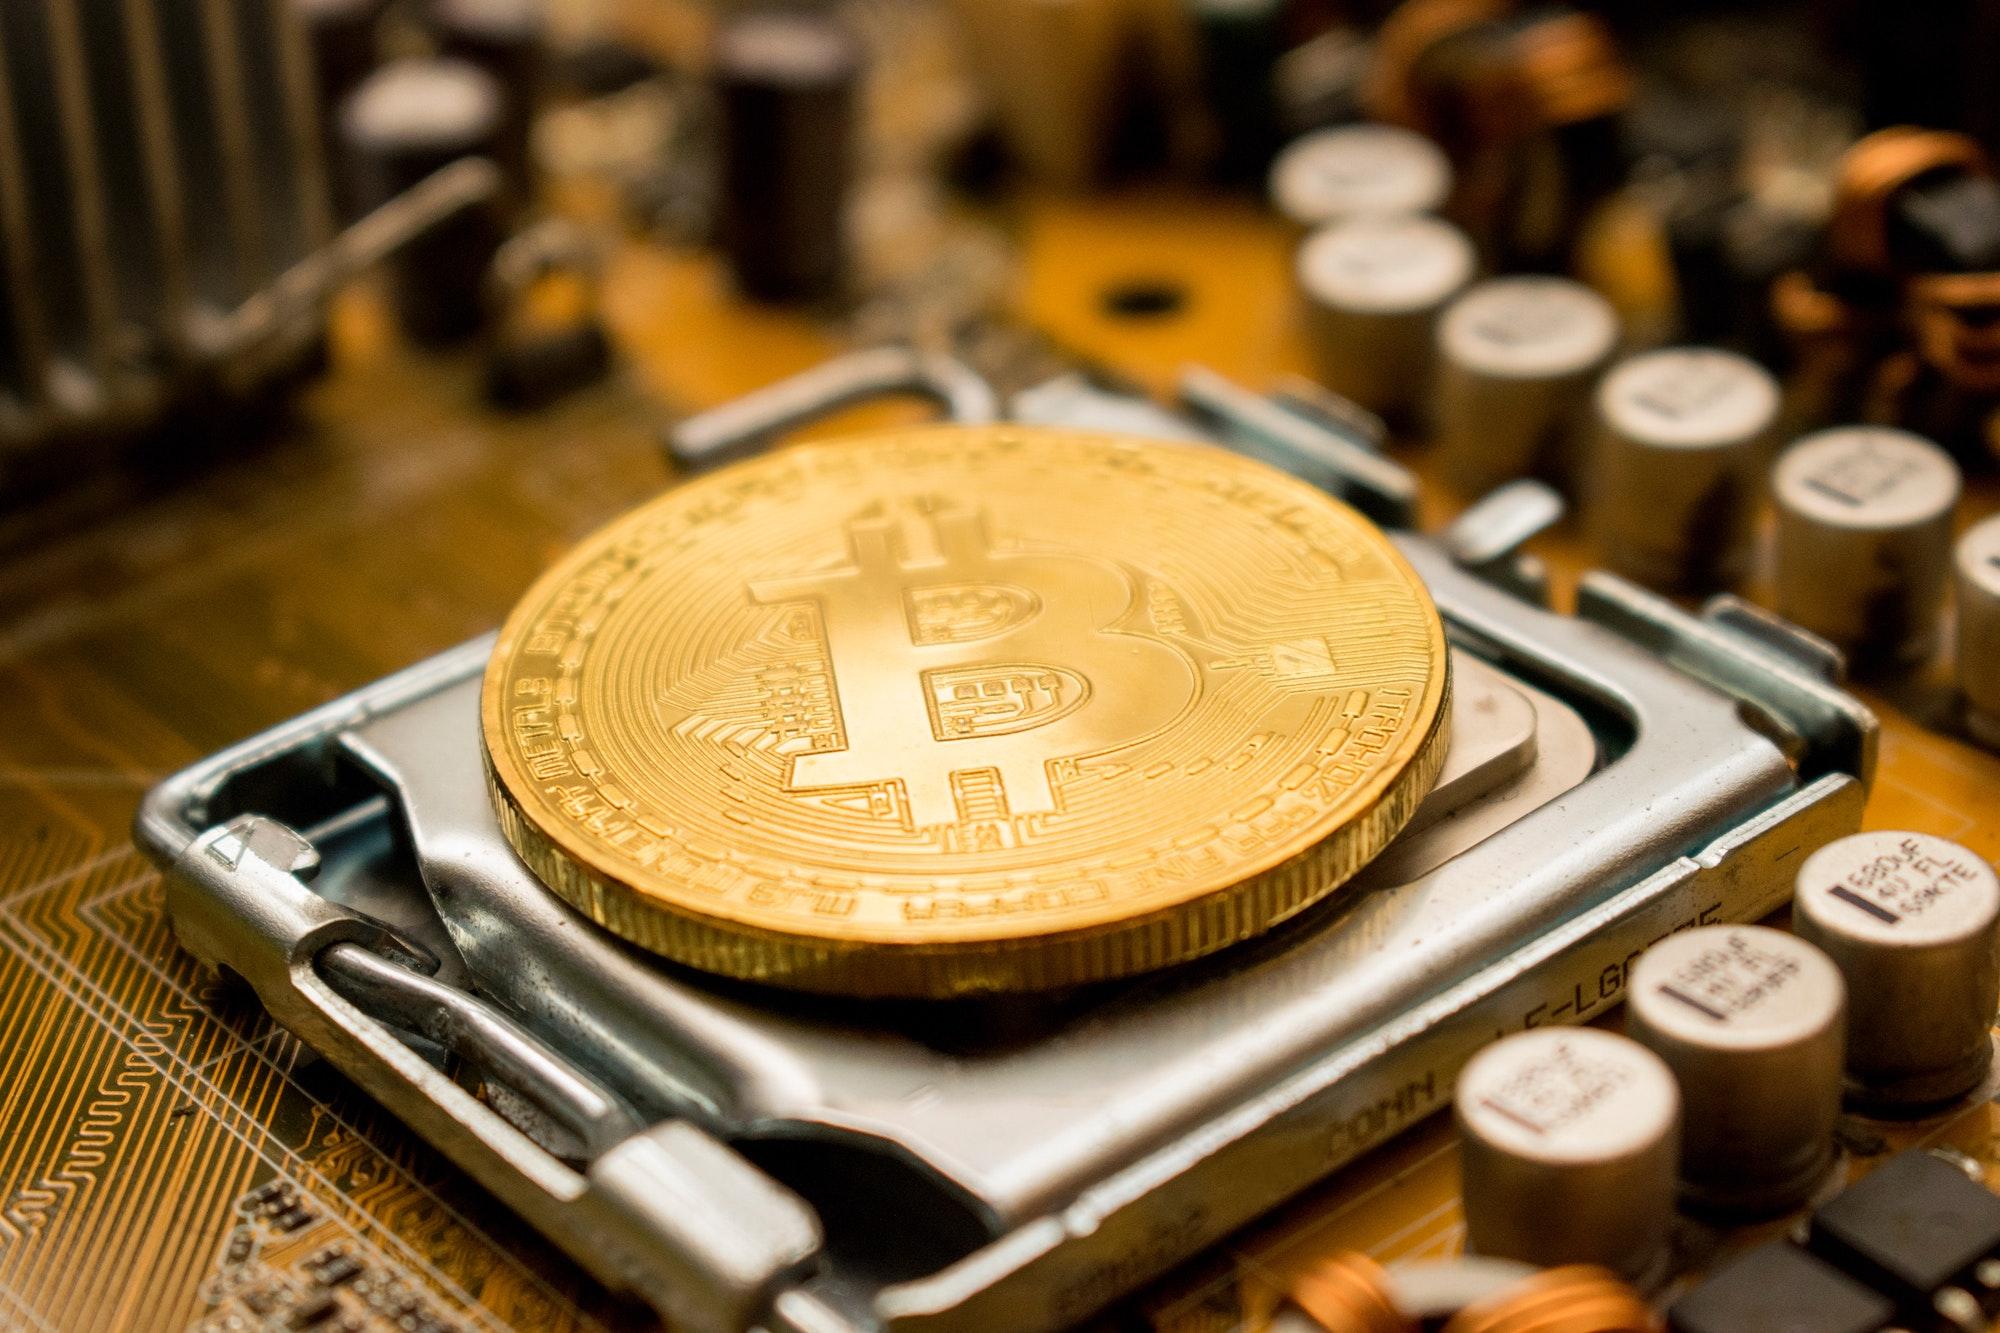 Bitcoin: Kryptowährung prallt vorerst von 50000-Dollar-Marke ab